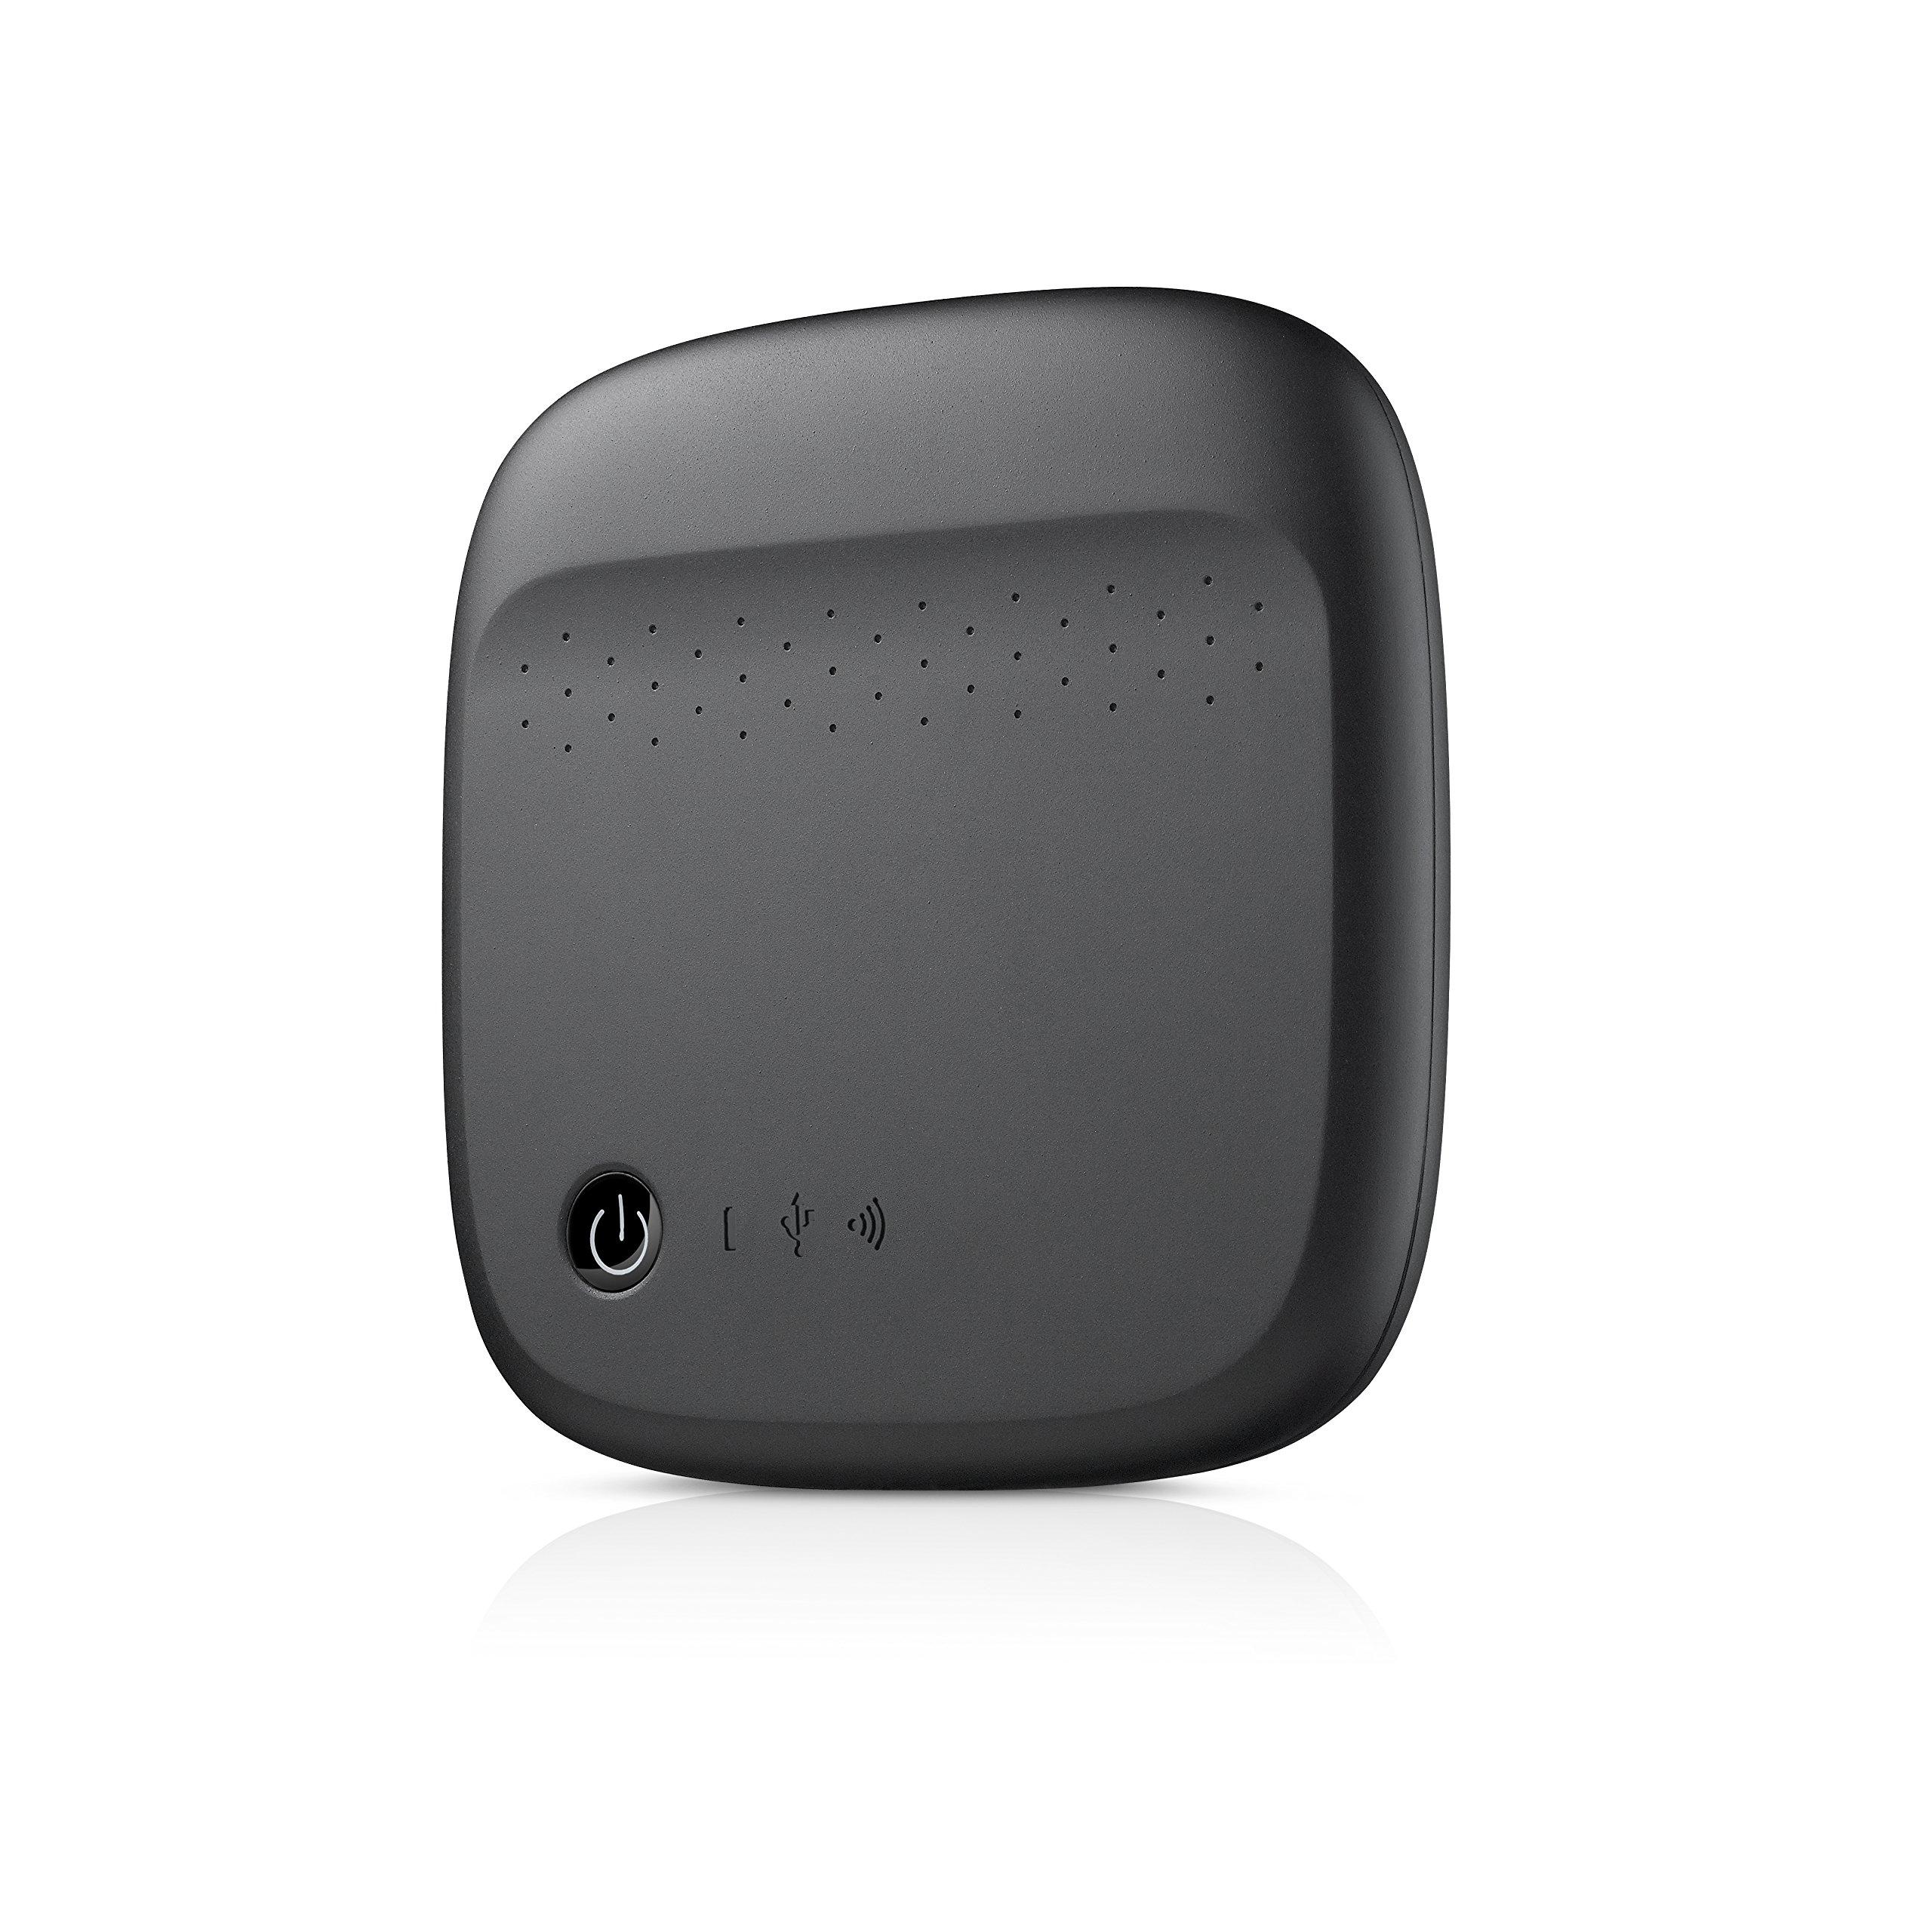 Seagate Wireless Mobile Portable Hard Drive Storage 500GB STDC500100 (Black) by Seagate